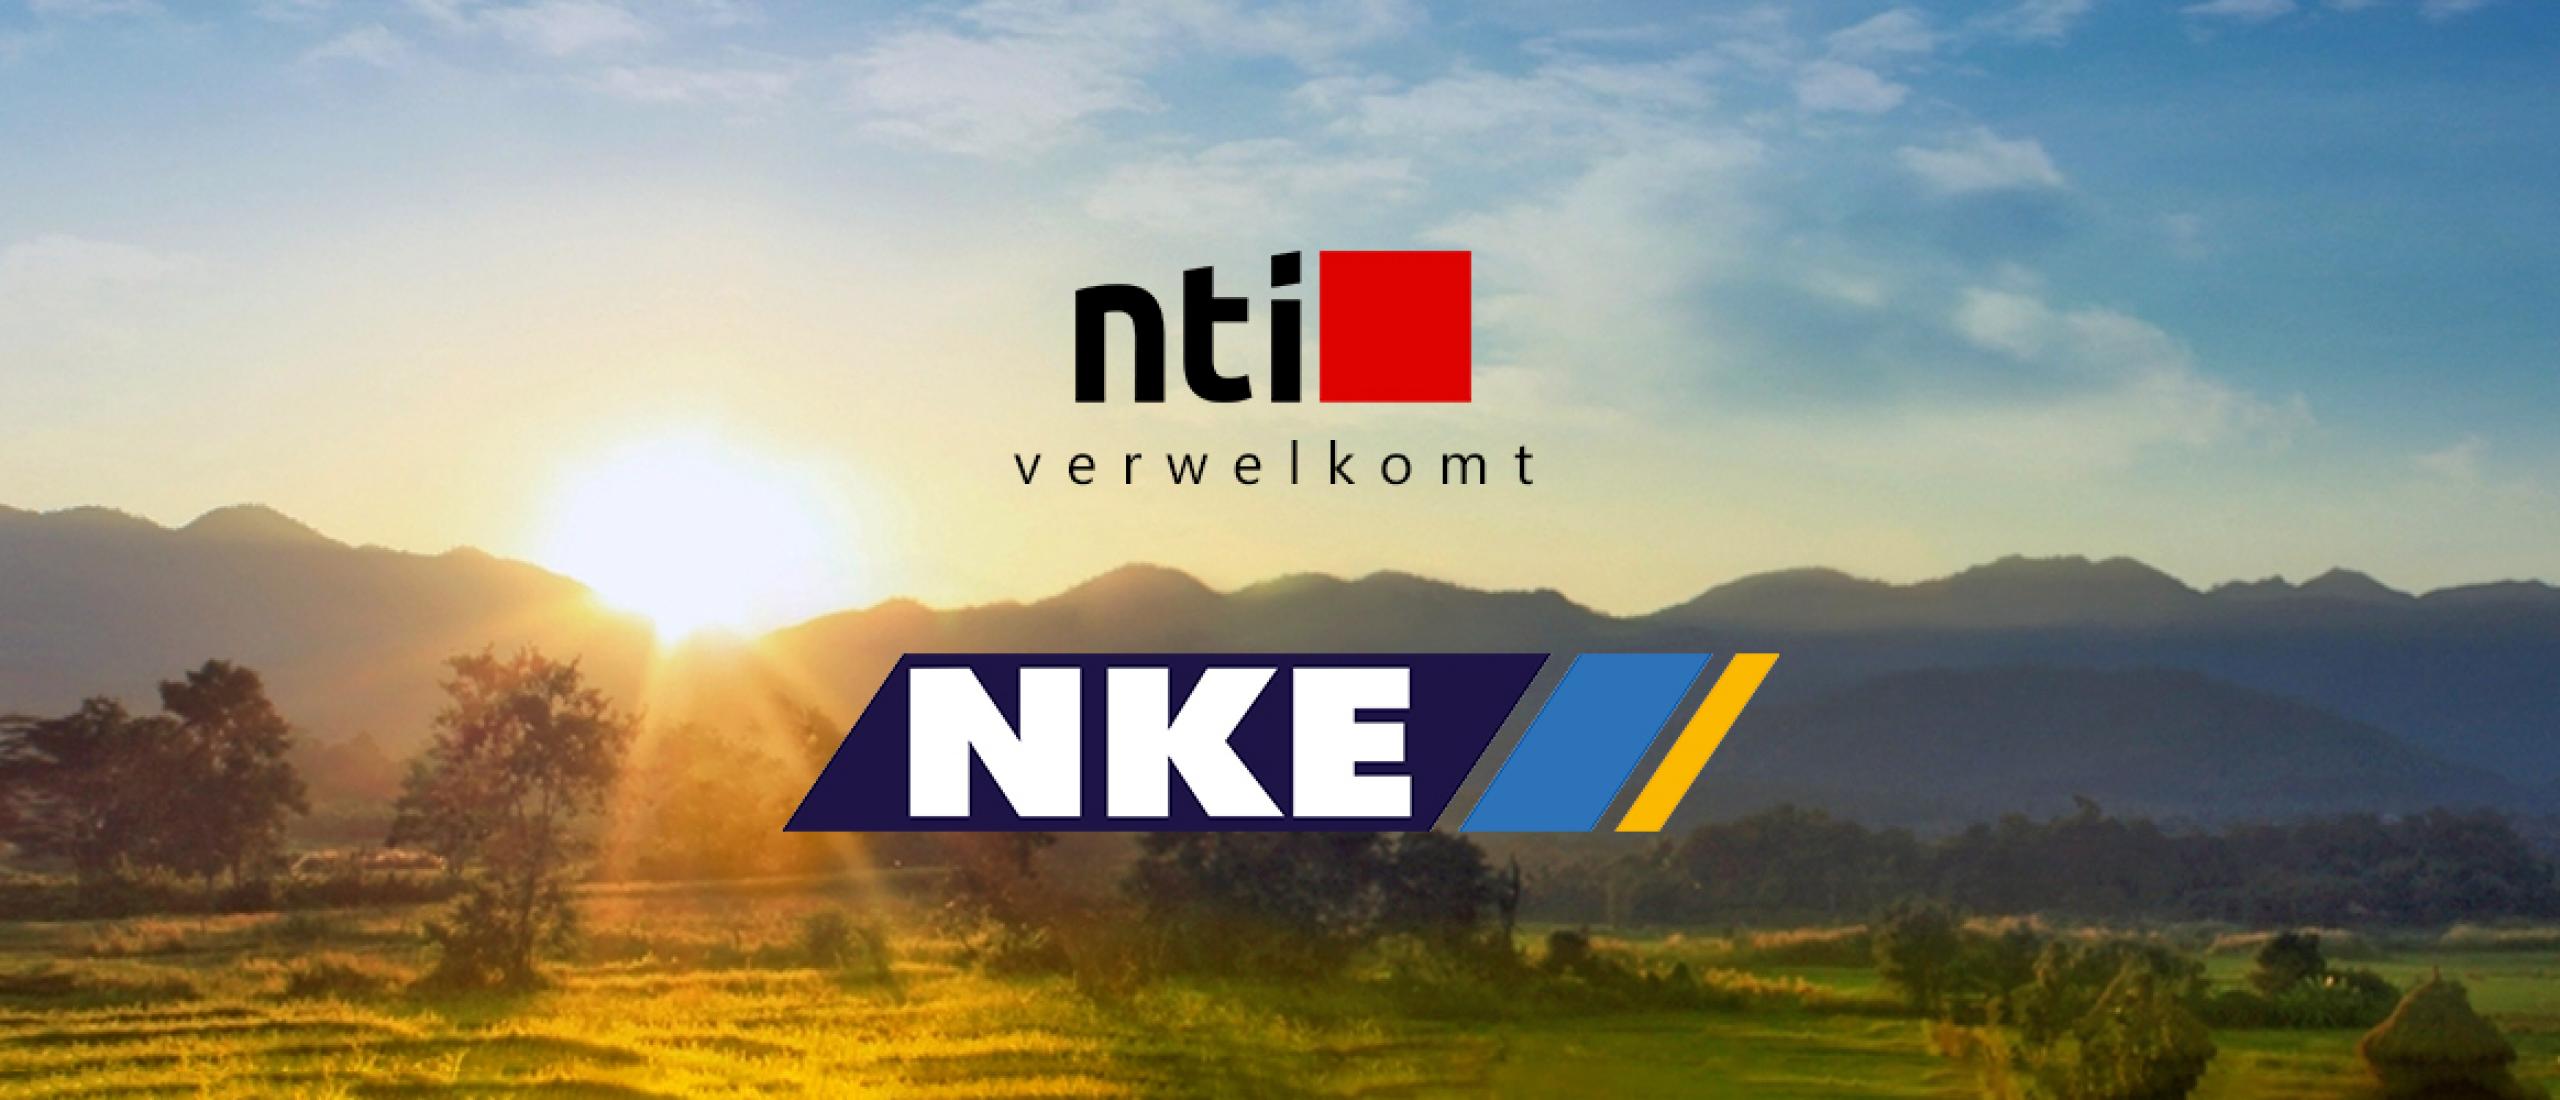 NTI Group verwelkomt het Italiaanse NKE en haar 130 collega's in Italië en Spanje!